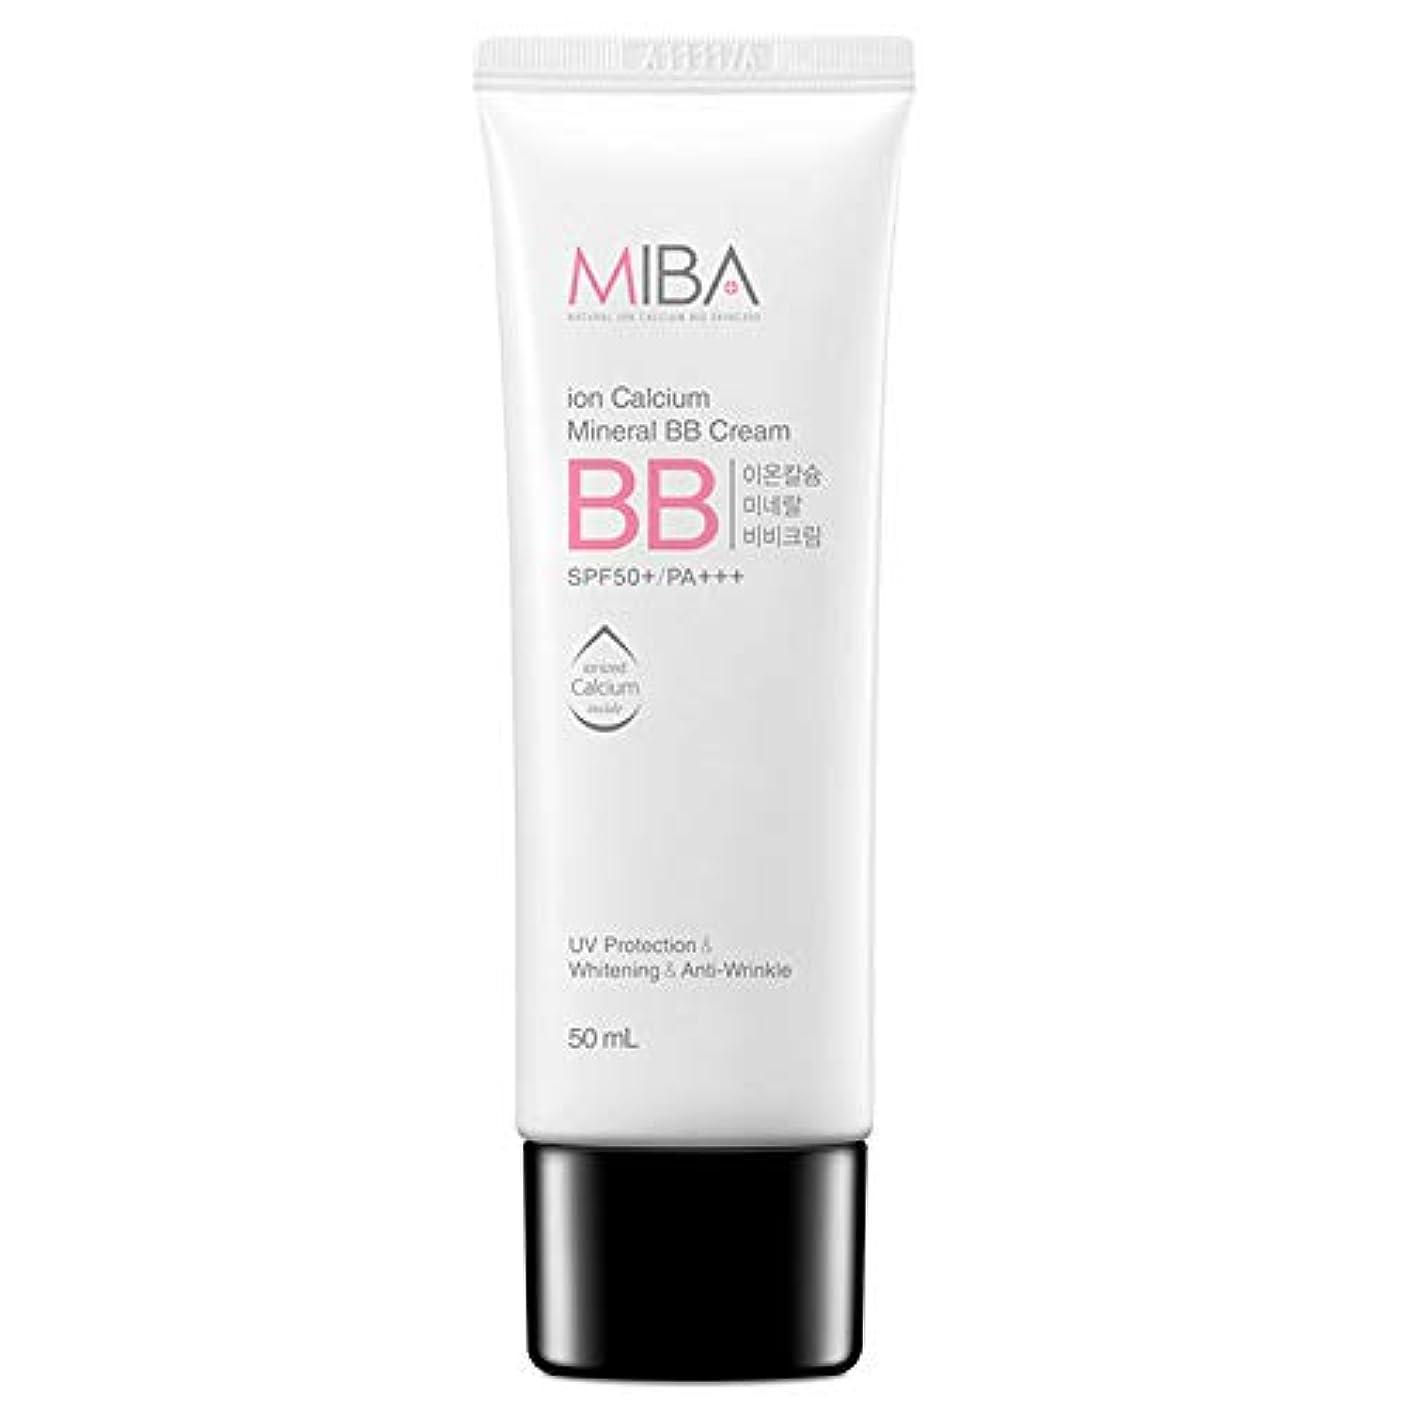 含めるテクトニック執着スキンDr ミバ IC ミネラルBBクリーム SPF50+/ PA+++ / MIBA Ion Calcium Mineral BB Cream [正規品]